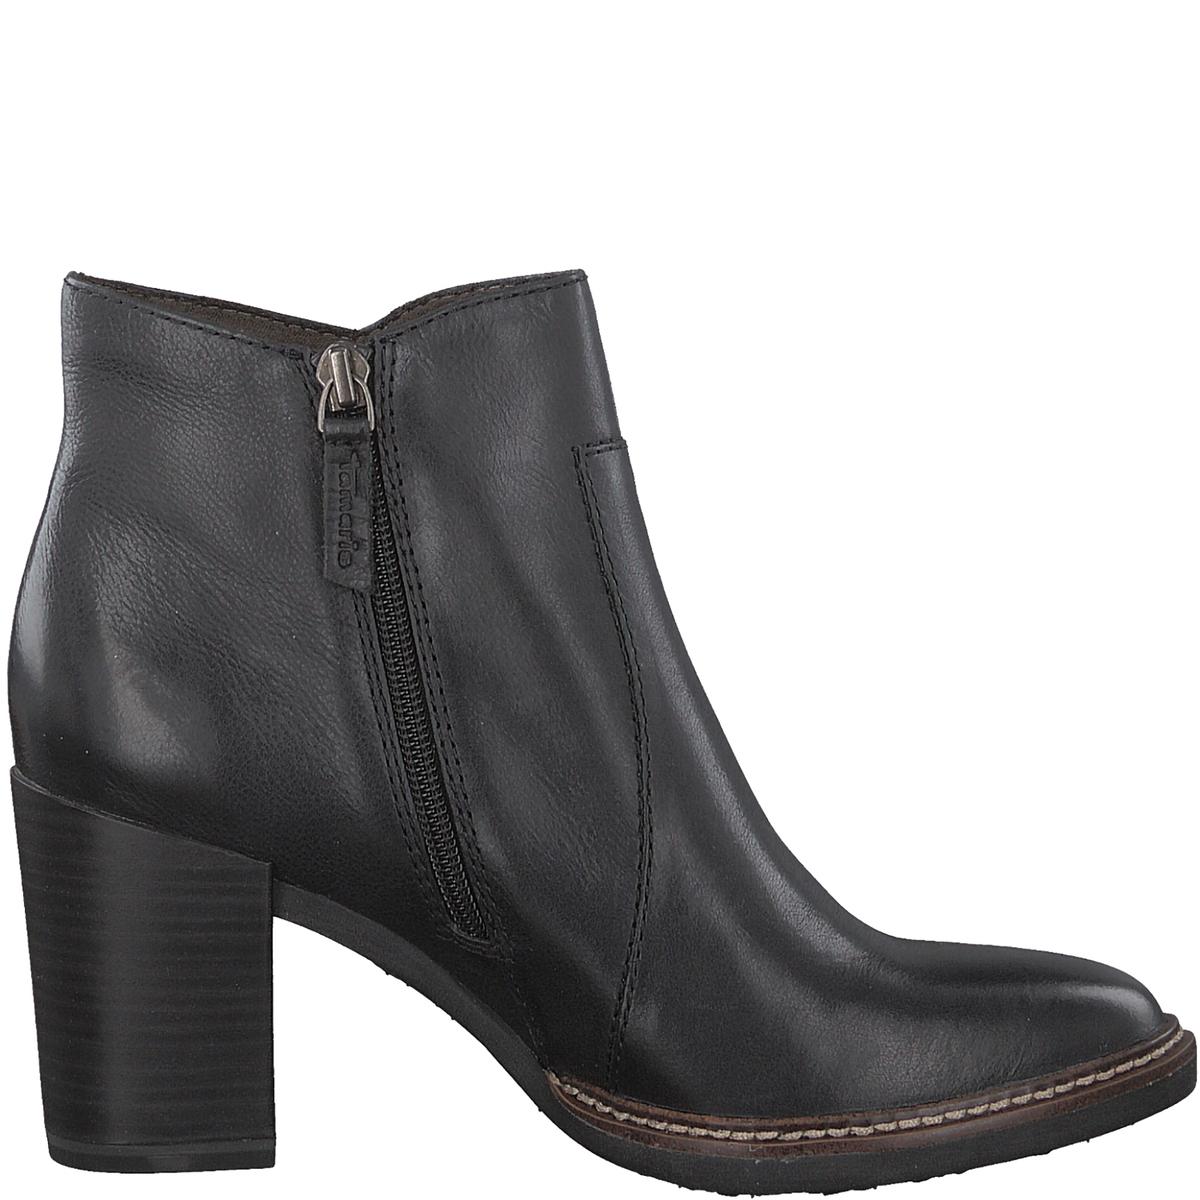 Ботильоны кожаные JolyДетали •  Высота голенища : 10 см, размер 37  •  Высота каблука : 8 см. •  Застежка : на молнию •  Круглый мысокСостав и уход •  Верх 100% кожа •  Подкладка 50% кожи, 50% текстиля •  Стелька 100% текстиль<br><br>Цвет: черный<br>Размер: 38